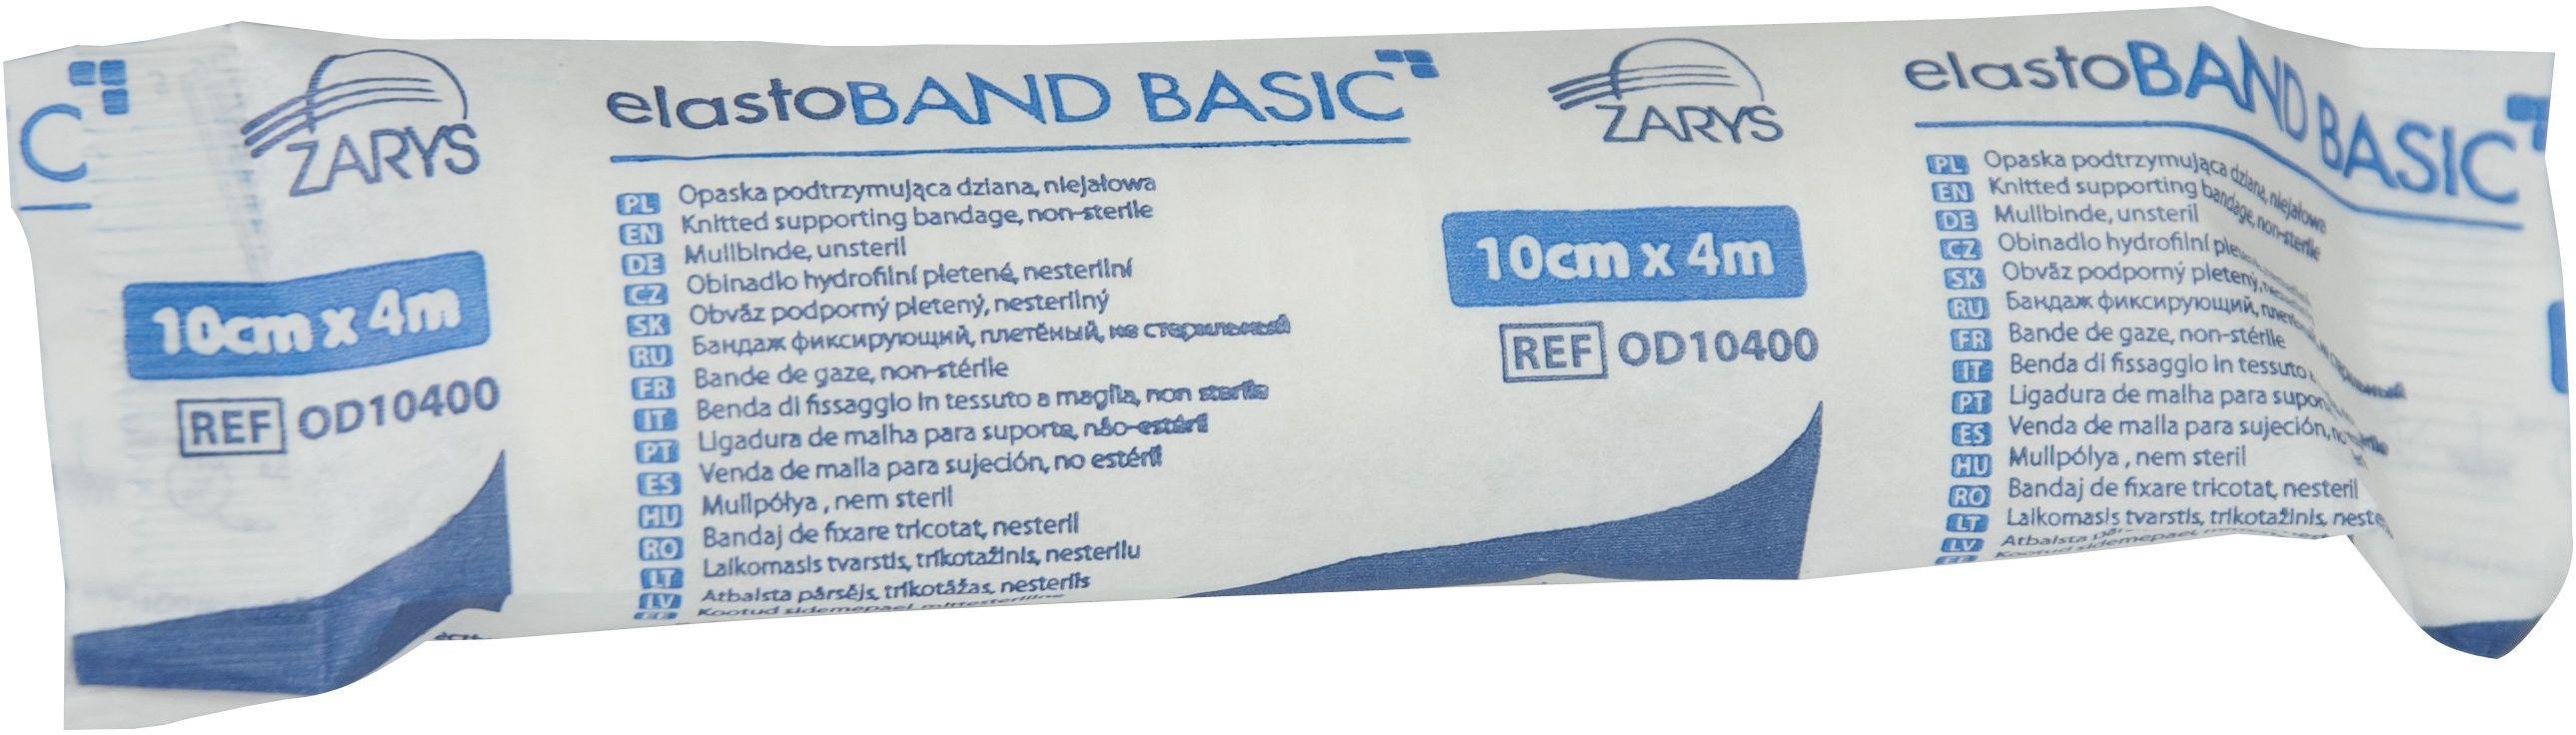 Bandaż dziany elastoBAND BASIC